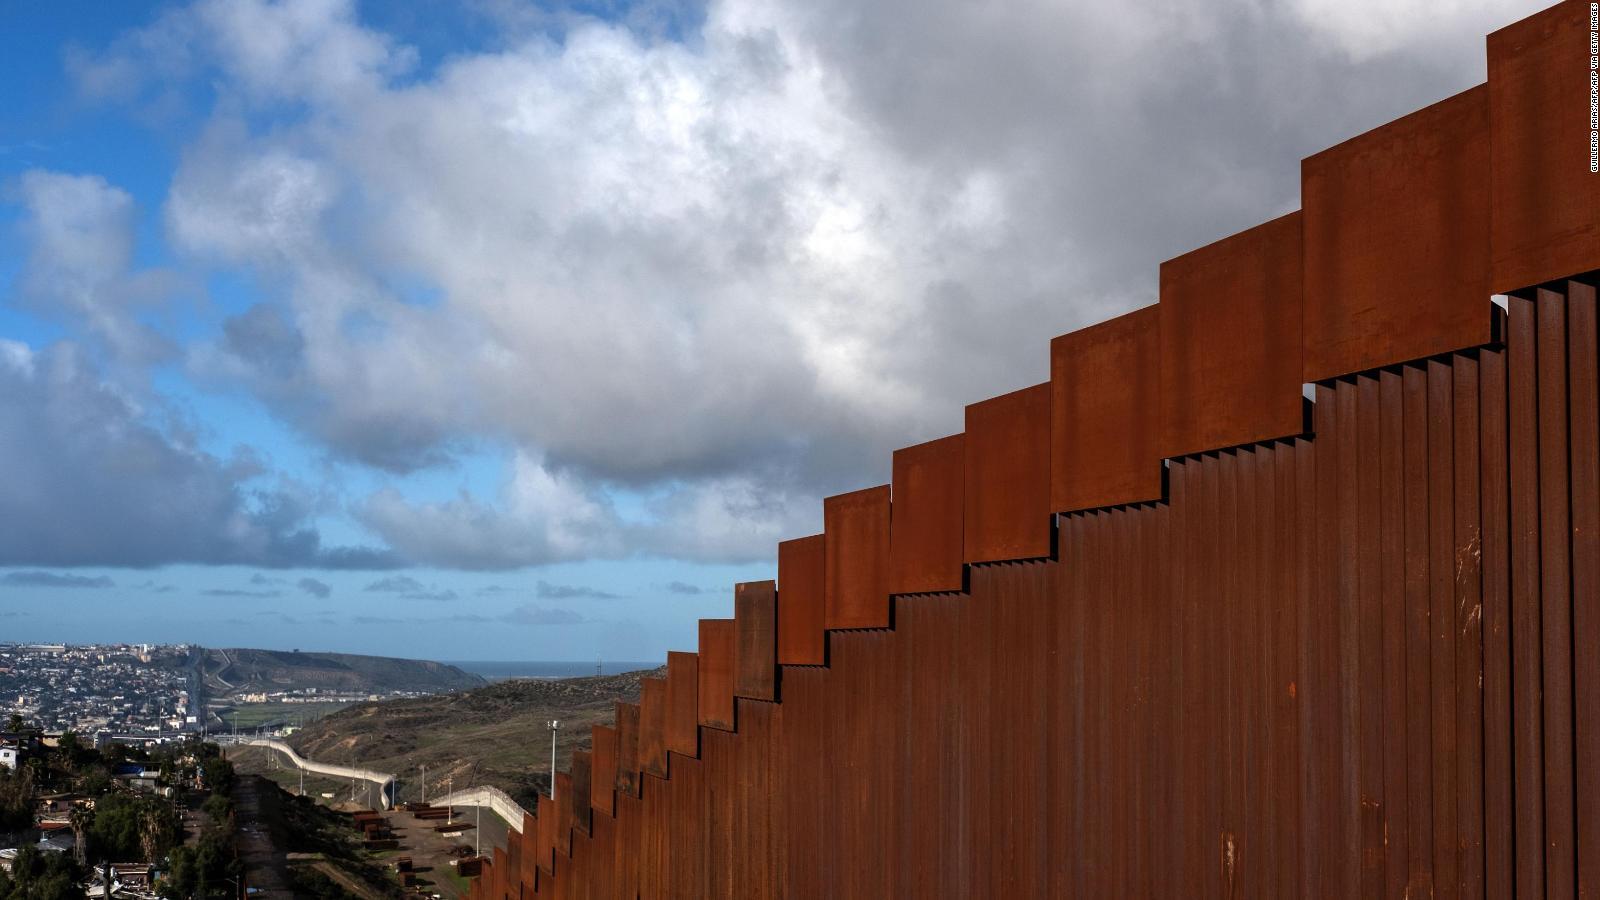 Juez bloquea al gobierno de Biden de expulsar familias inmigrantes bajo orden de salud pública